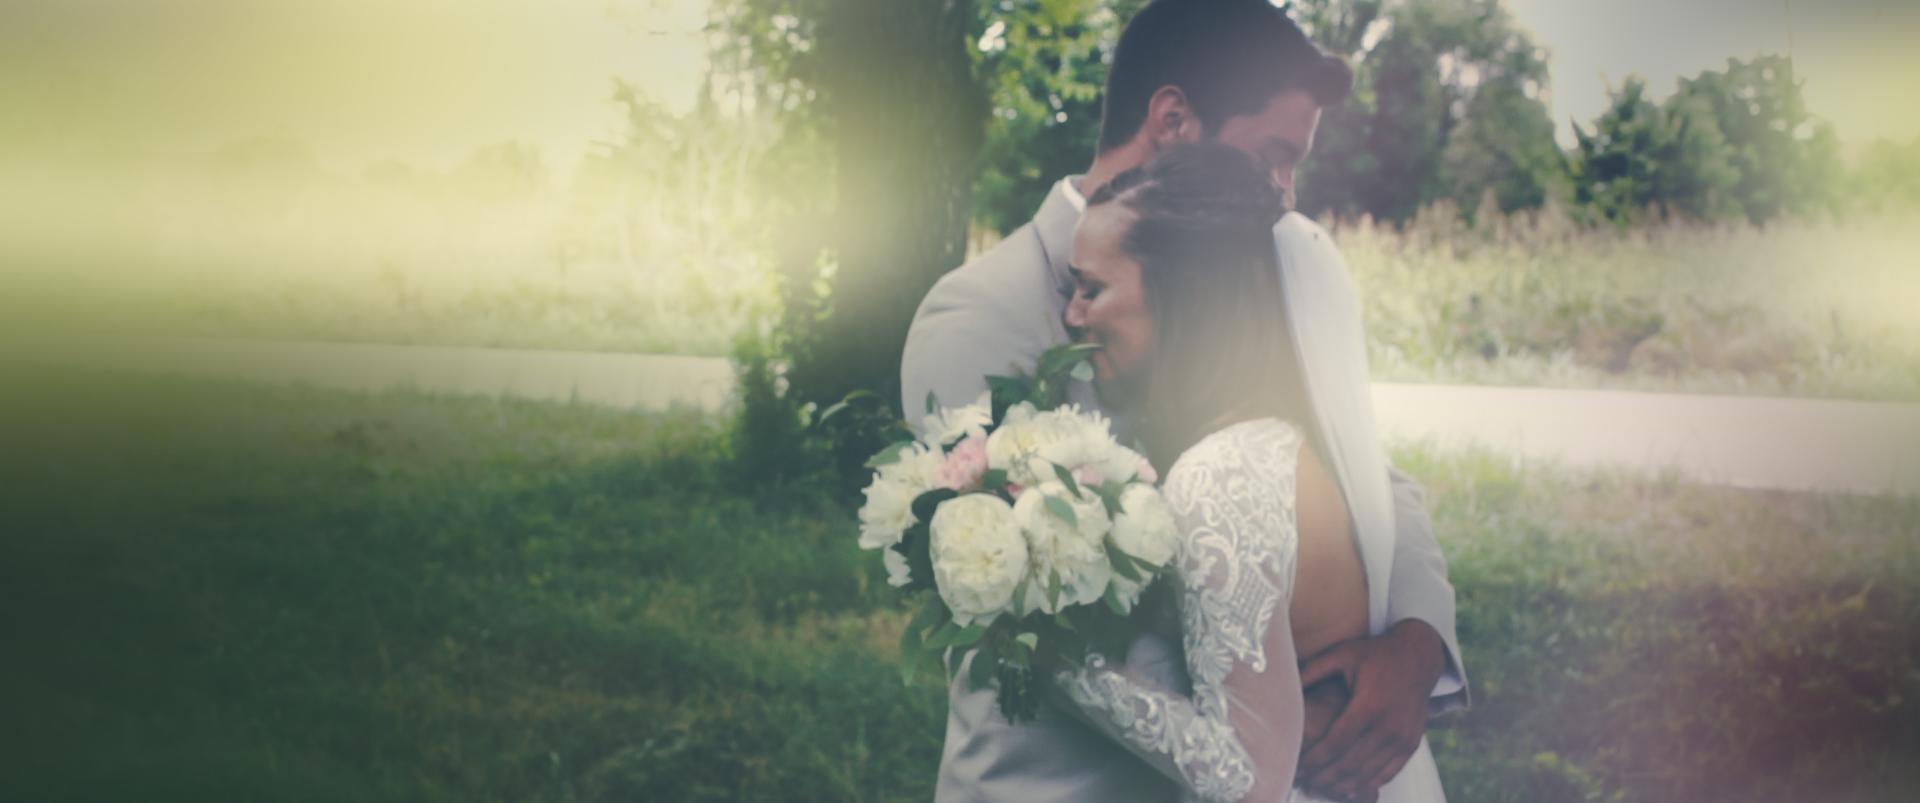 MORTON WEDDING.00_03_20_01.Still006.png